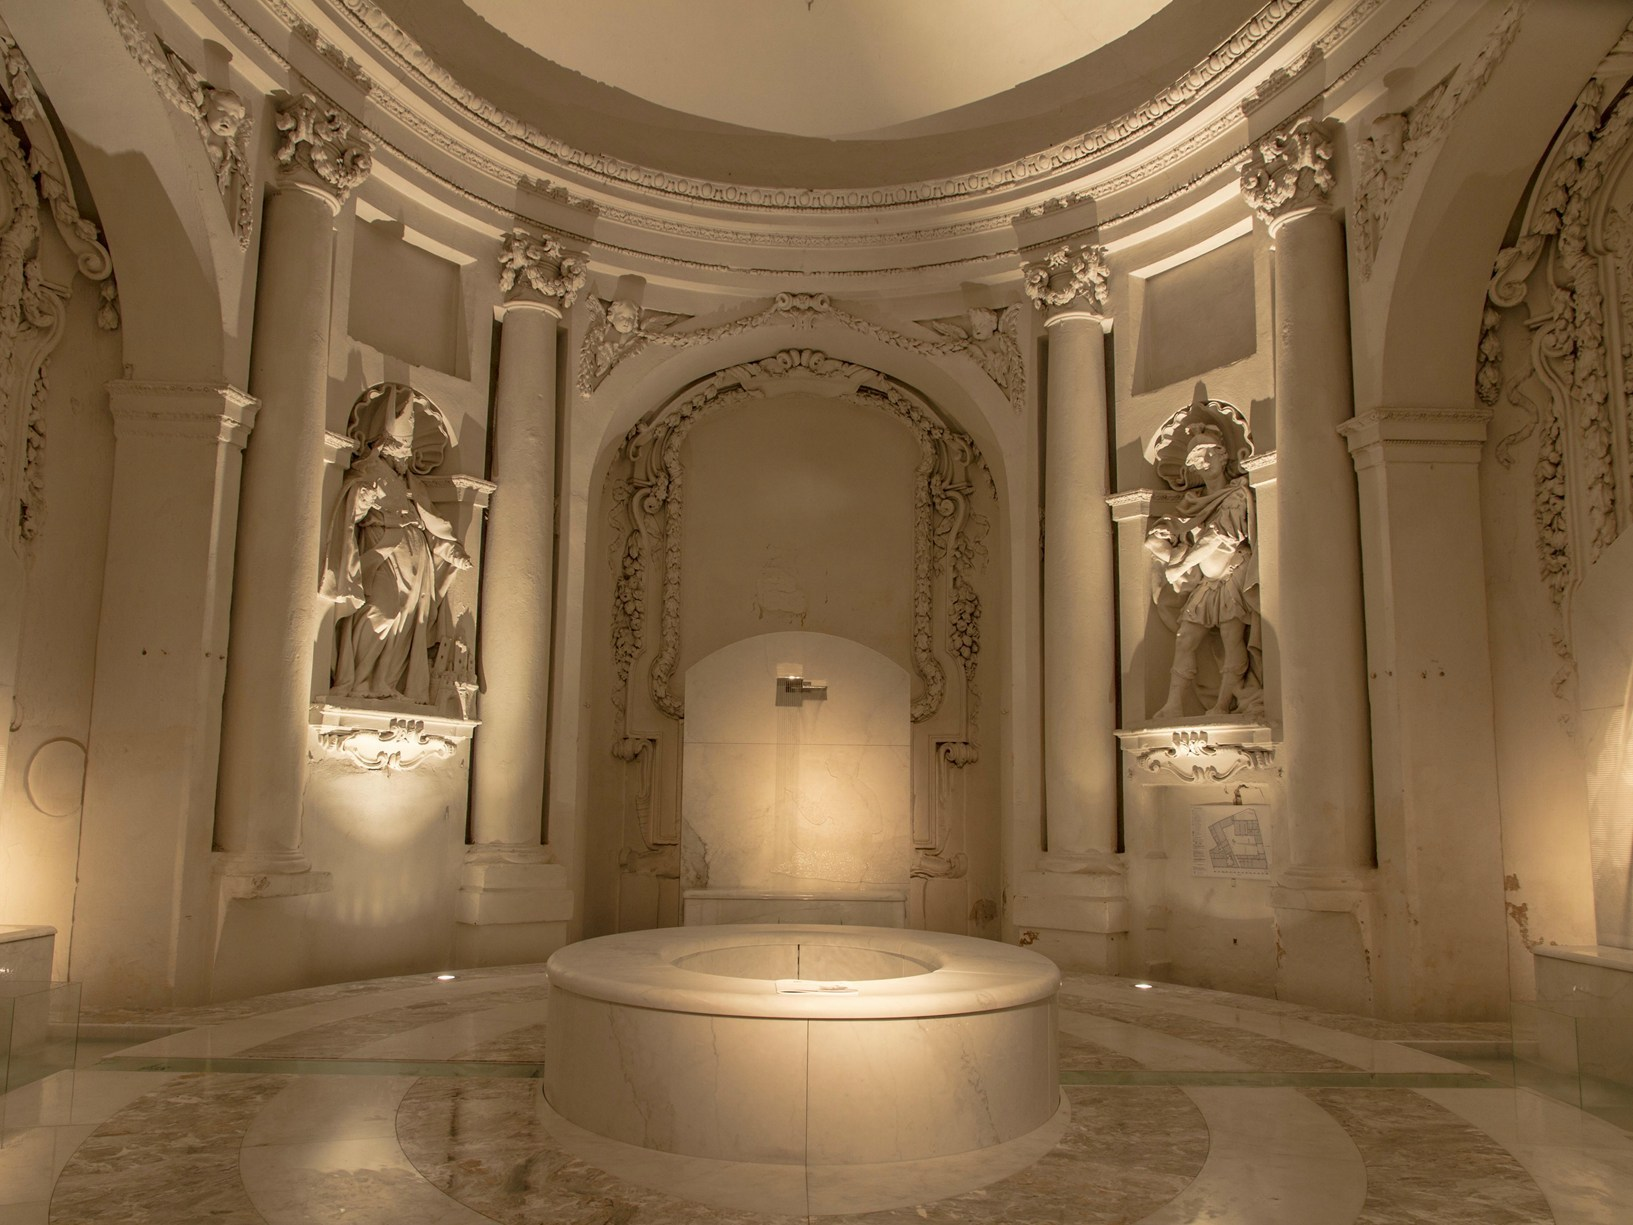 39 il bagno immaginato 39 il fascino del marmo henraux a bwd 2013 - Bagno di marmo ...